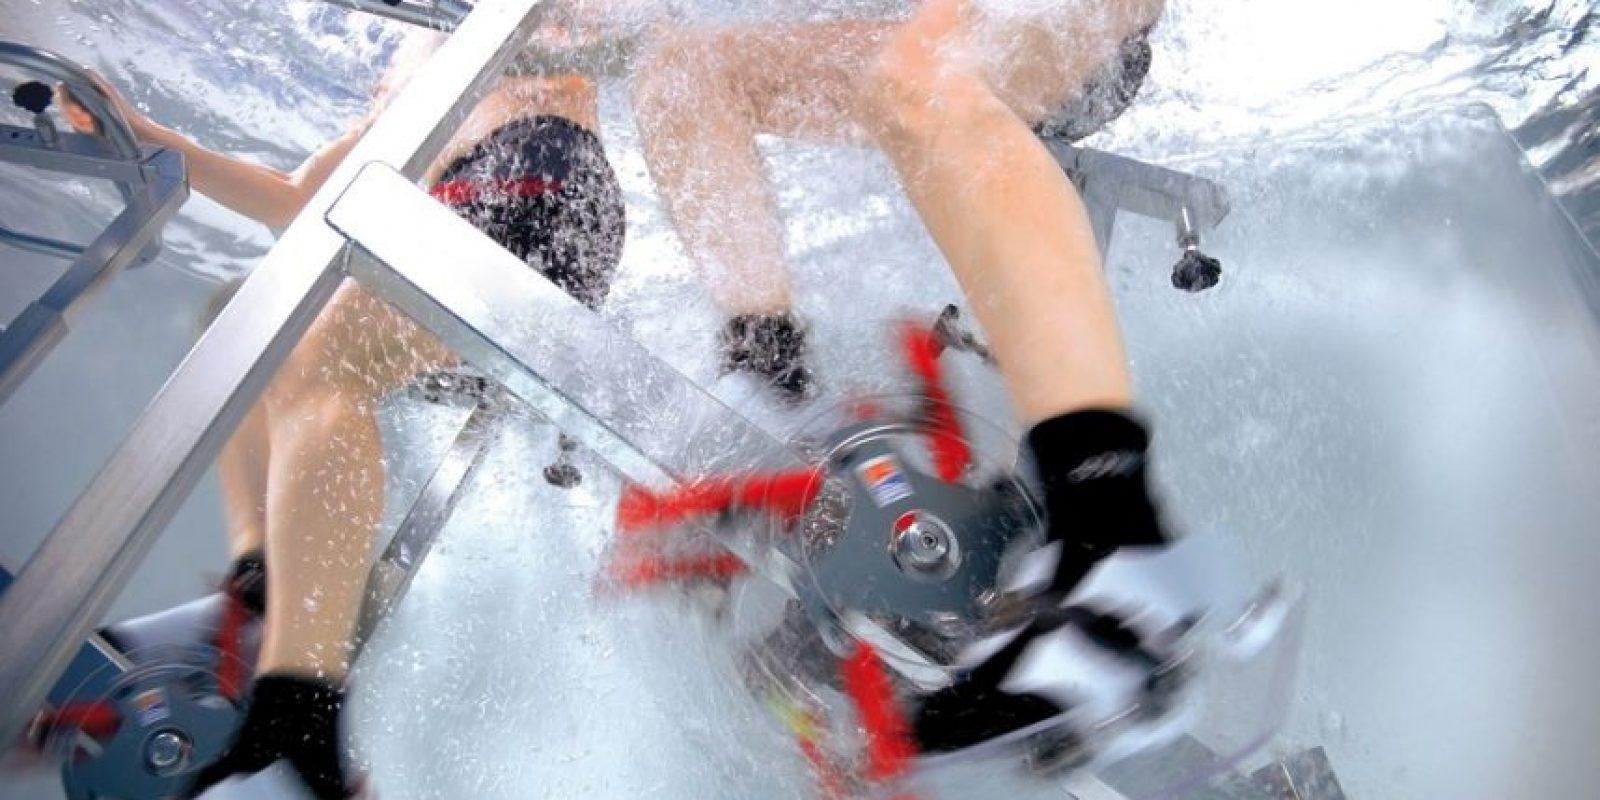 Pedalear en el agua ayuda a desarollar la misma fuerza en ambas piernas. Foto:Fuente Externa